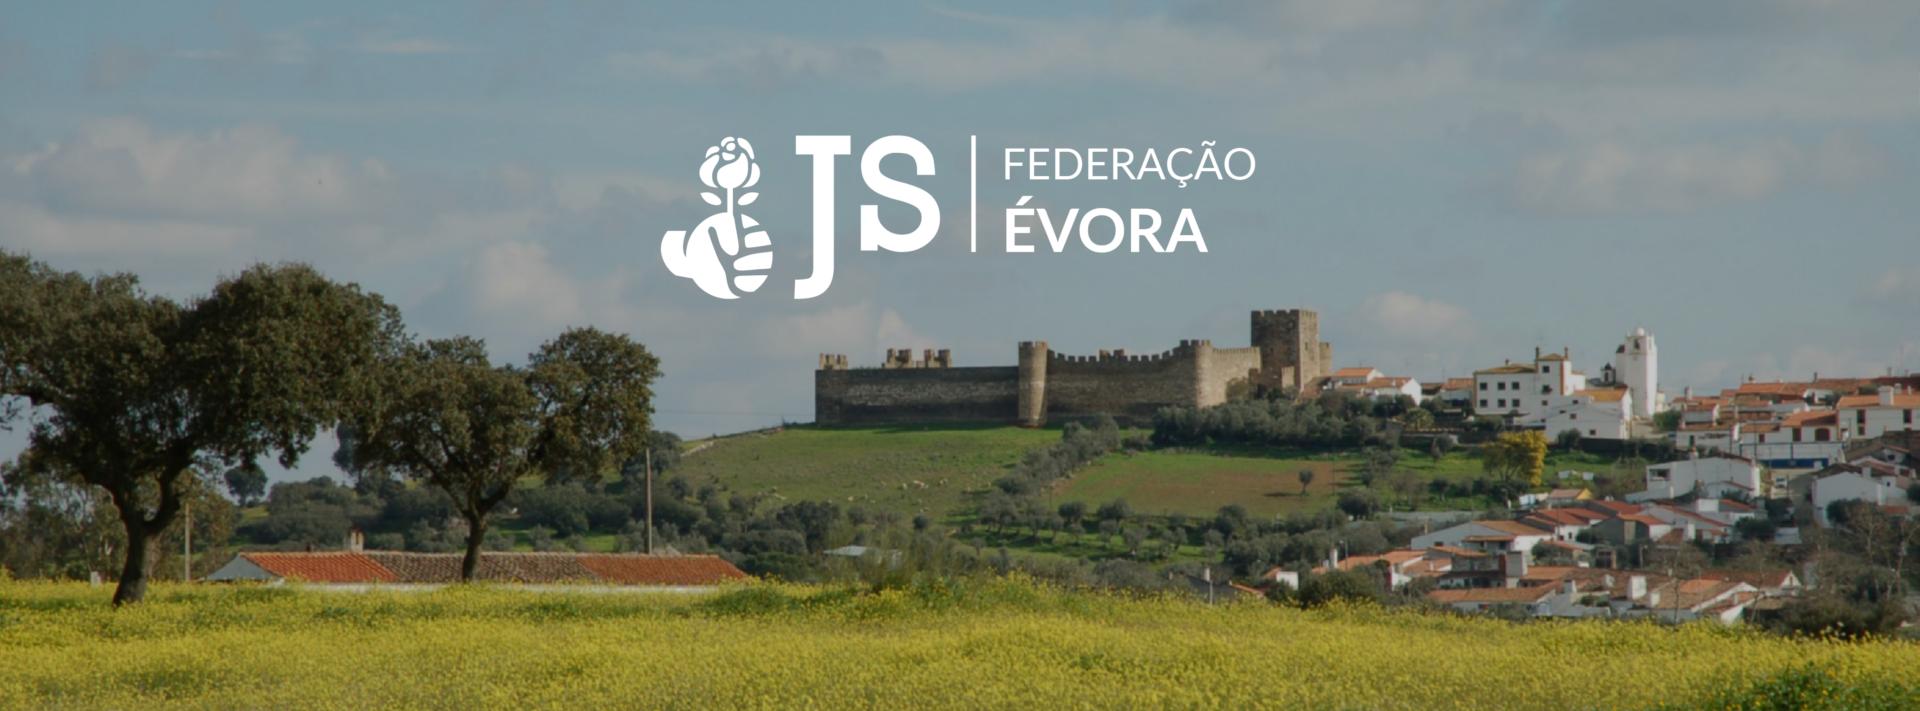 Capa JS Federação Évora (1920x711)